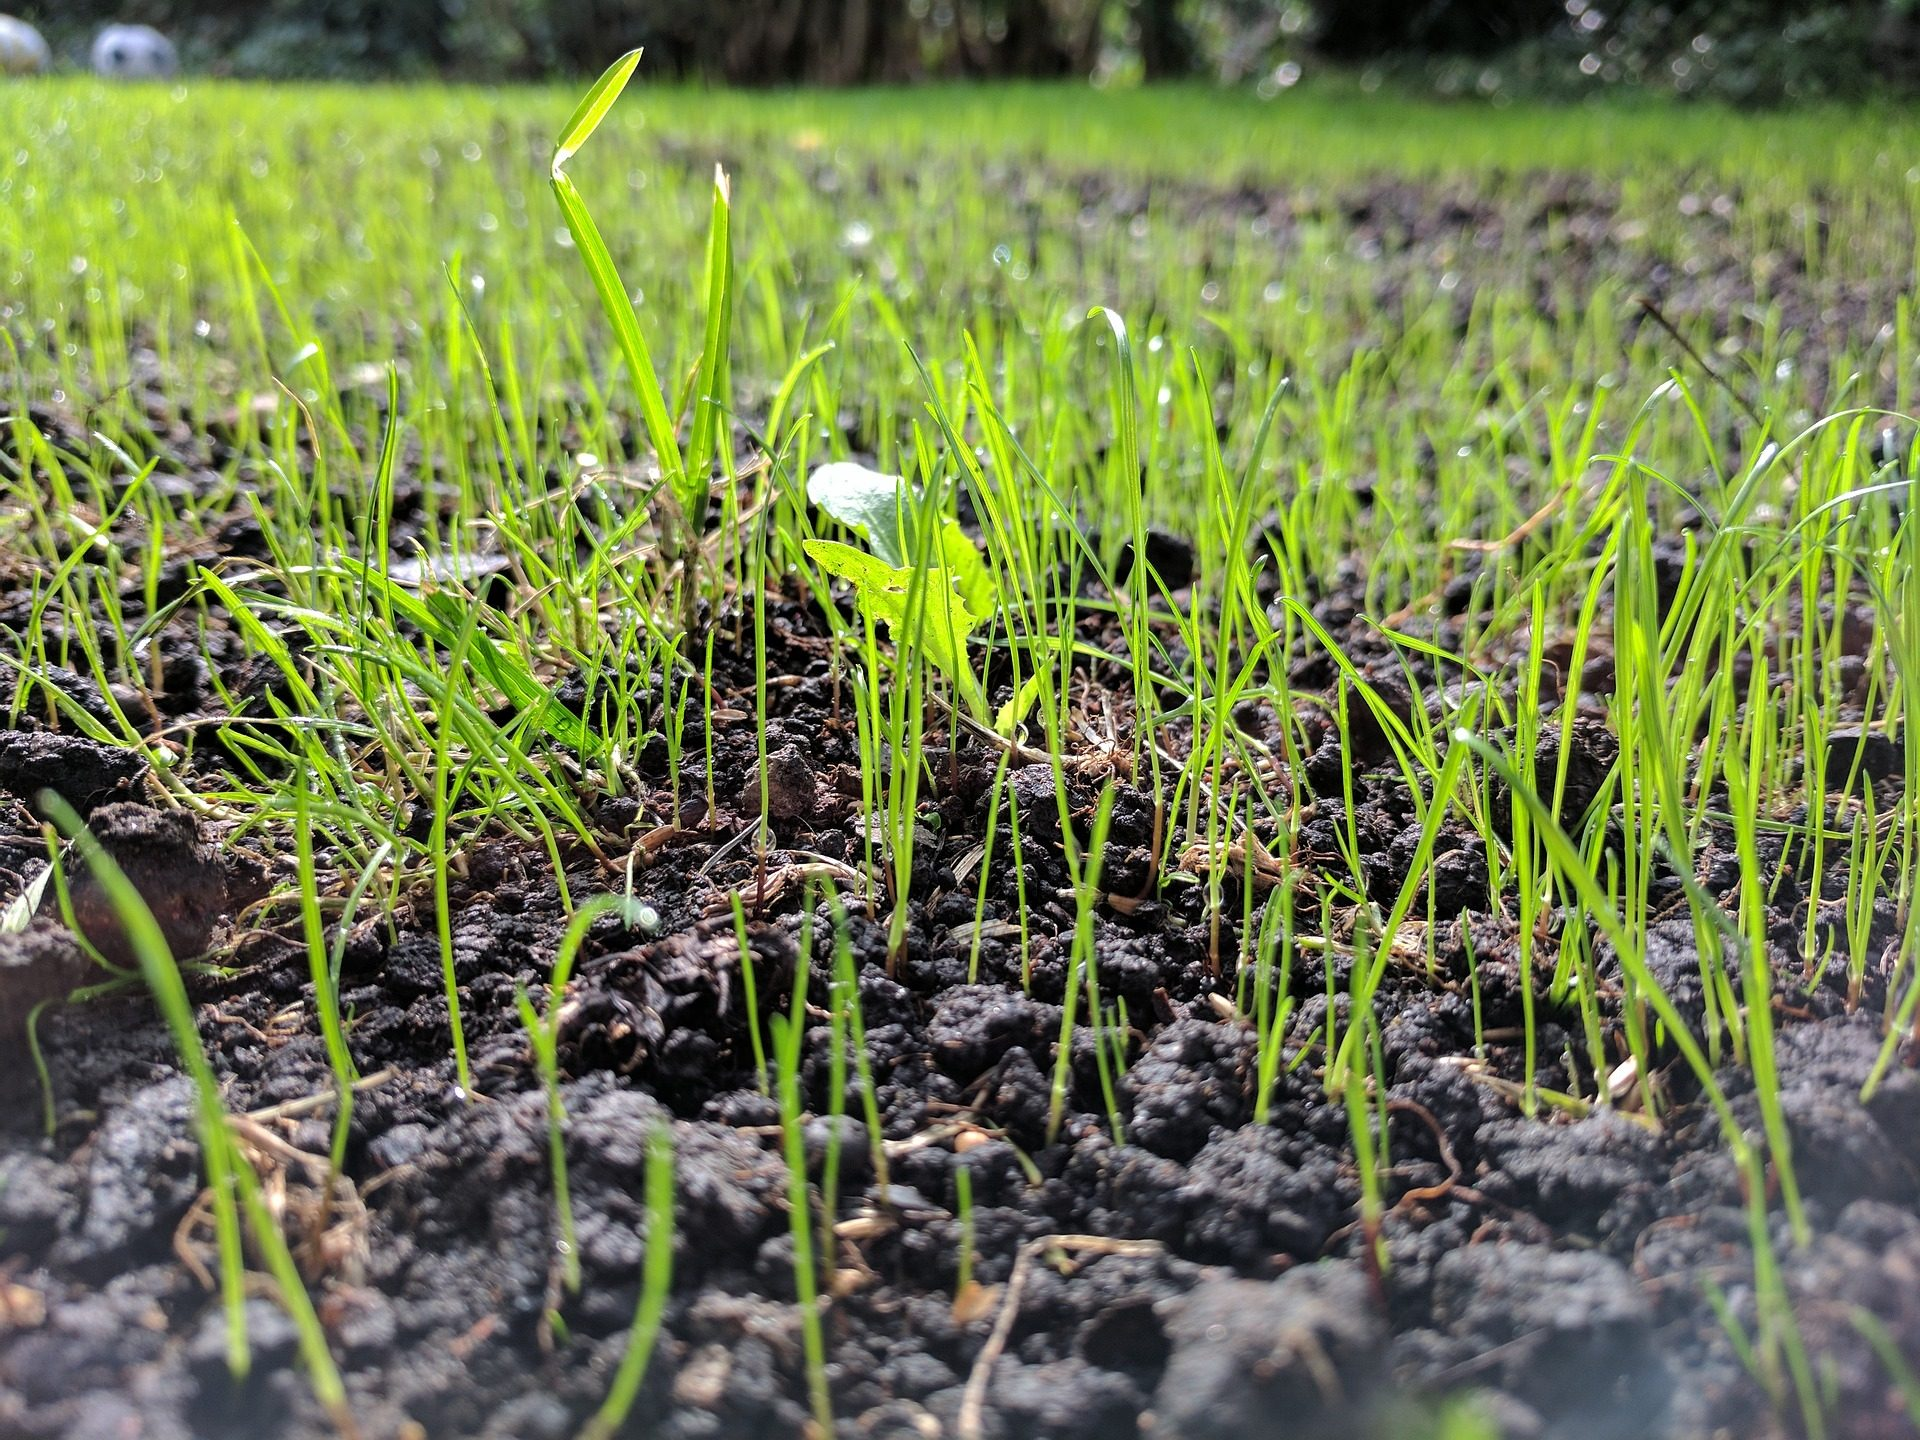 草, 発生, 芝生, 地球, に関しては - HD の壁紙 - 教授-falken.com